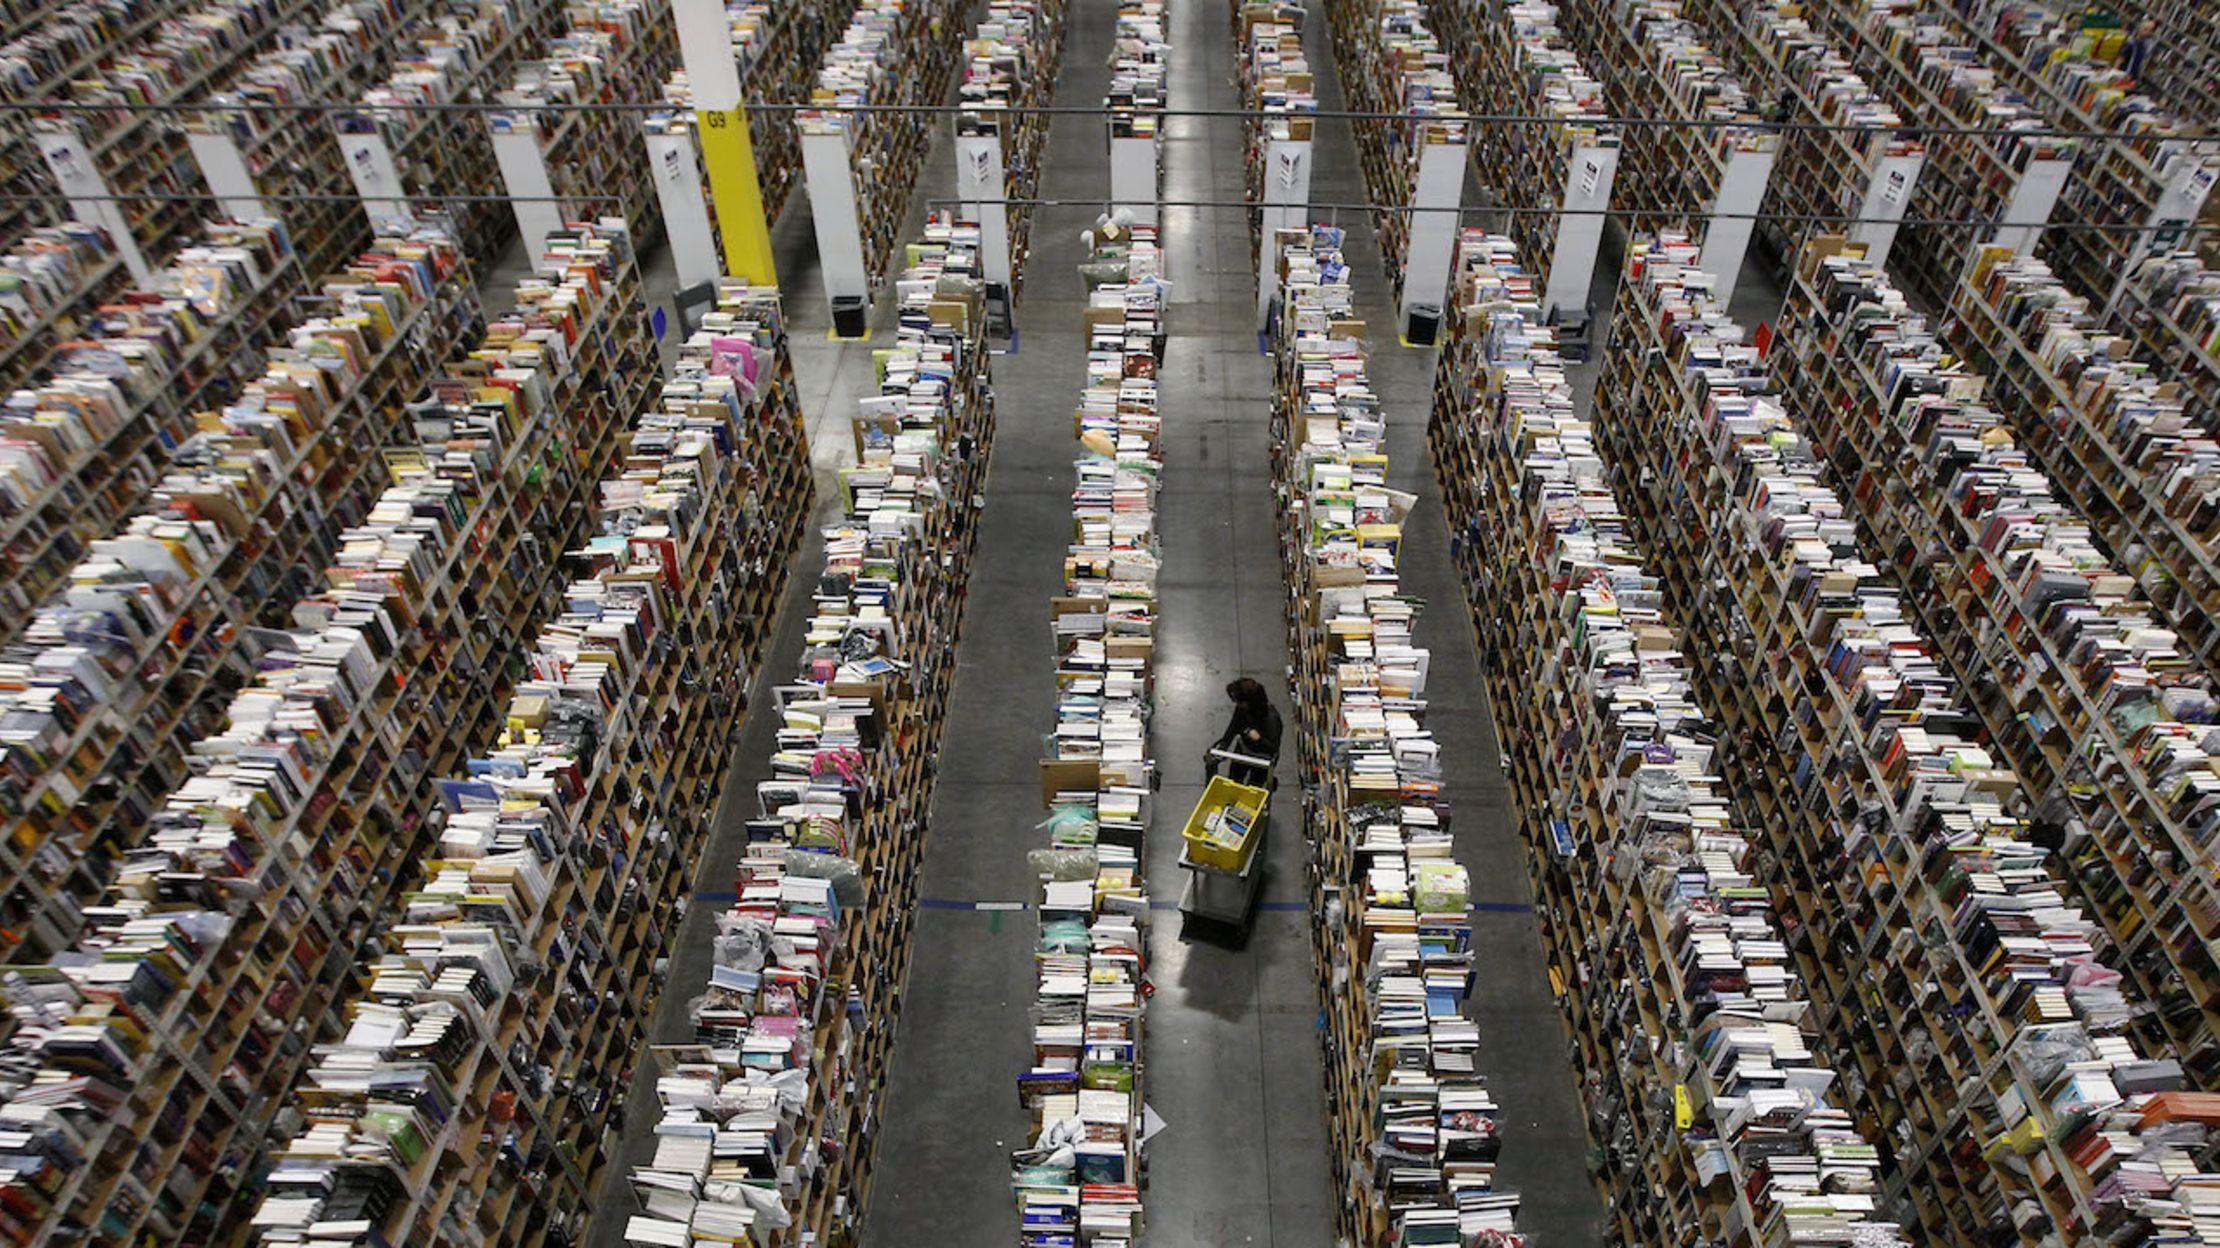 13 Secrets of Amazon Warehouse Employees | Mental Floss